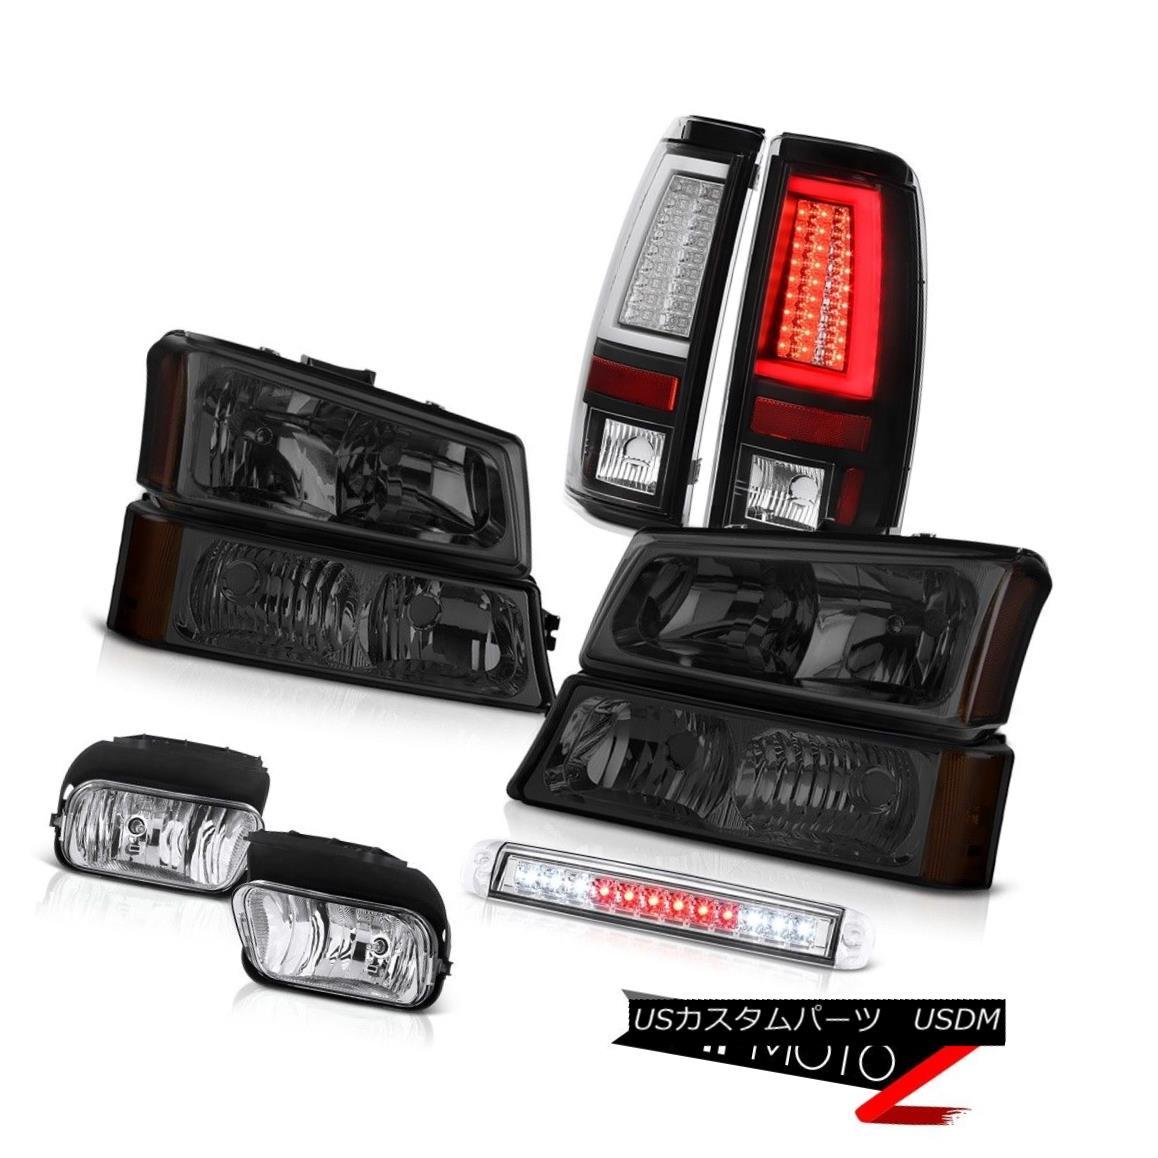 テールライト 03-06 Chevy Silverado 2500Hd Tail Lights Roof Brake Light Fog Signal Headlights 03-06 Chevy Silverado 2500Hdテールライトルーフブレーキライトフォグシグナルヘッドライト